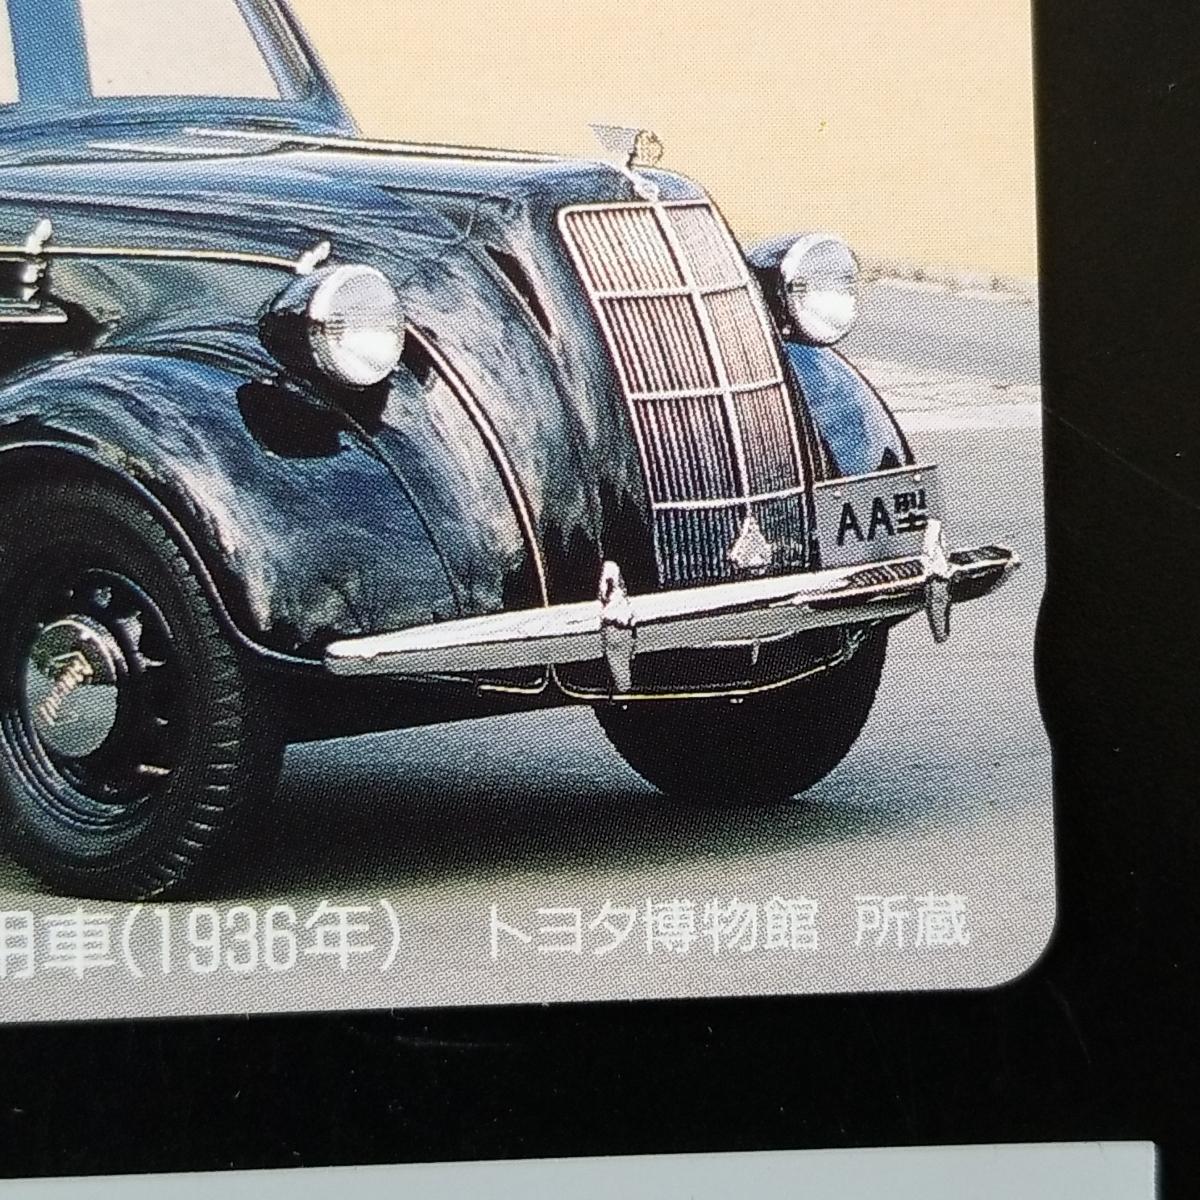 ・未使用 テレカ 105度 トヨタ博物館所蔵 トヨダAA型乗用車(1963年)トヨタ 乗用車 クラシックカー テレホンカード 自動車_画像3